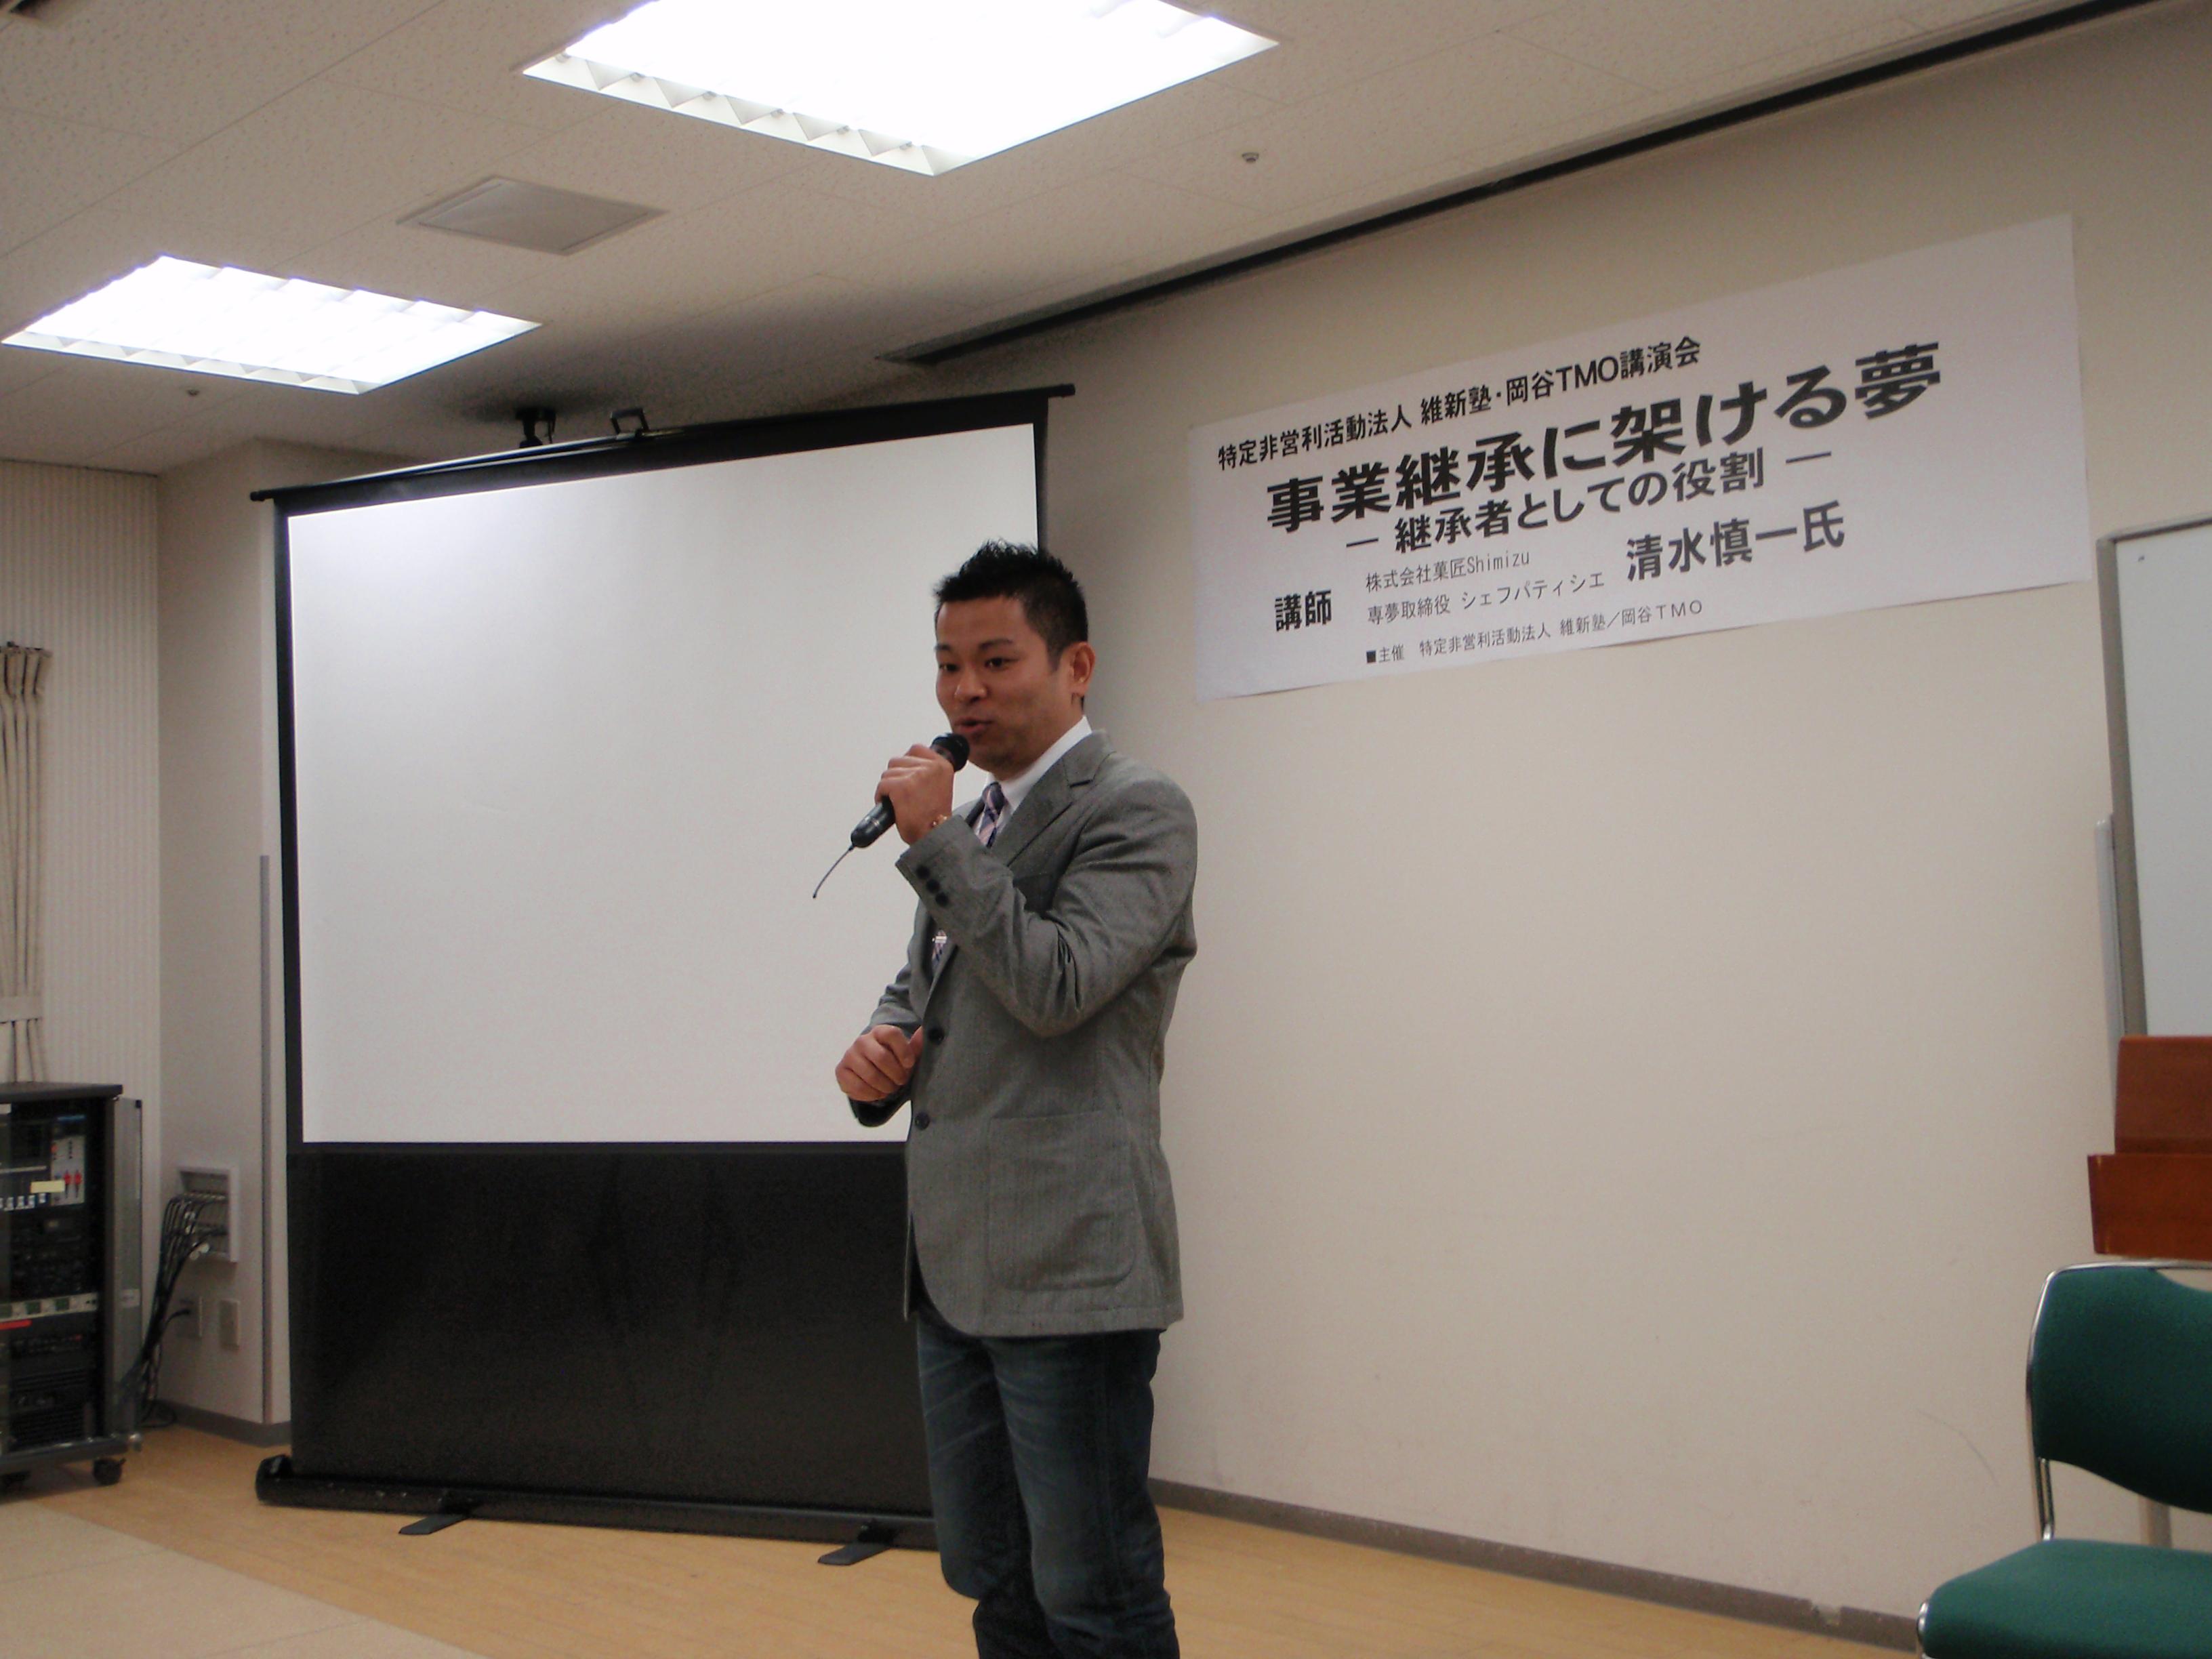 菓匠清水講演会.JPG